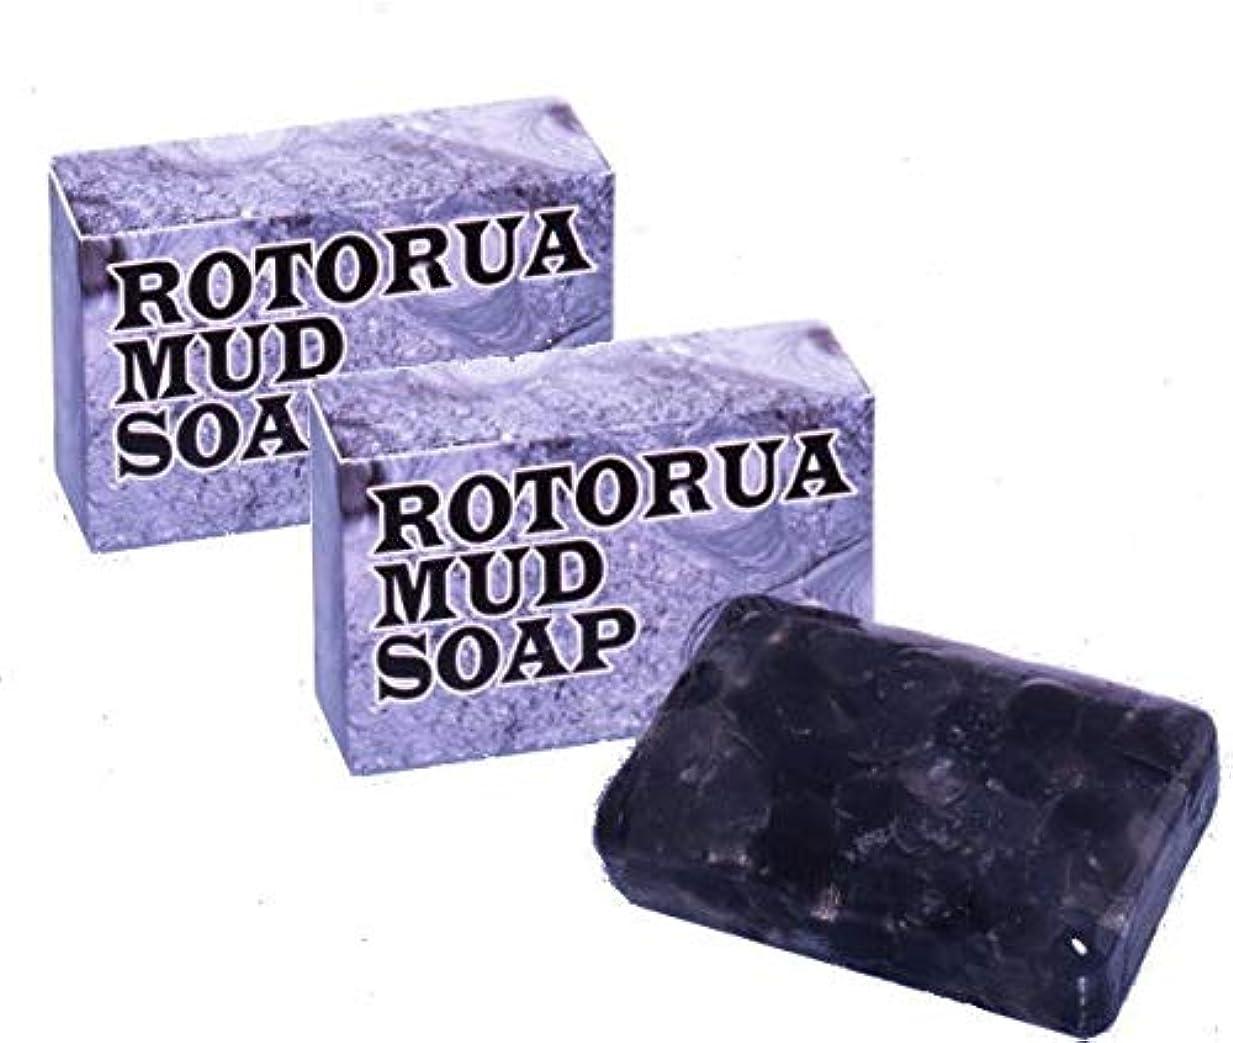 吸収しない構造夏の石鹸 ロトルア?マッドソープ(洗顔ソープ)×2個セット ●ロトルア火山からの温泉水ミネラル石鹸